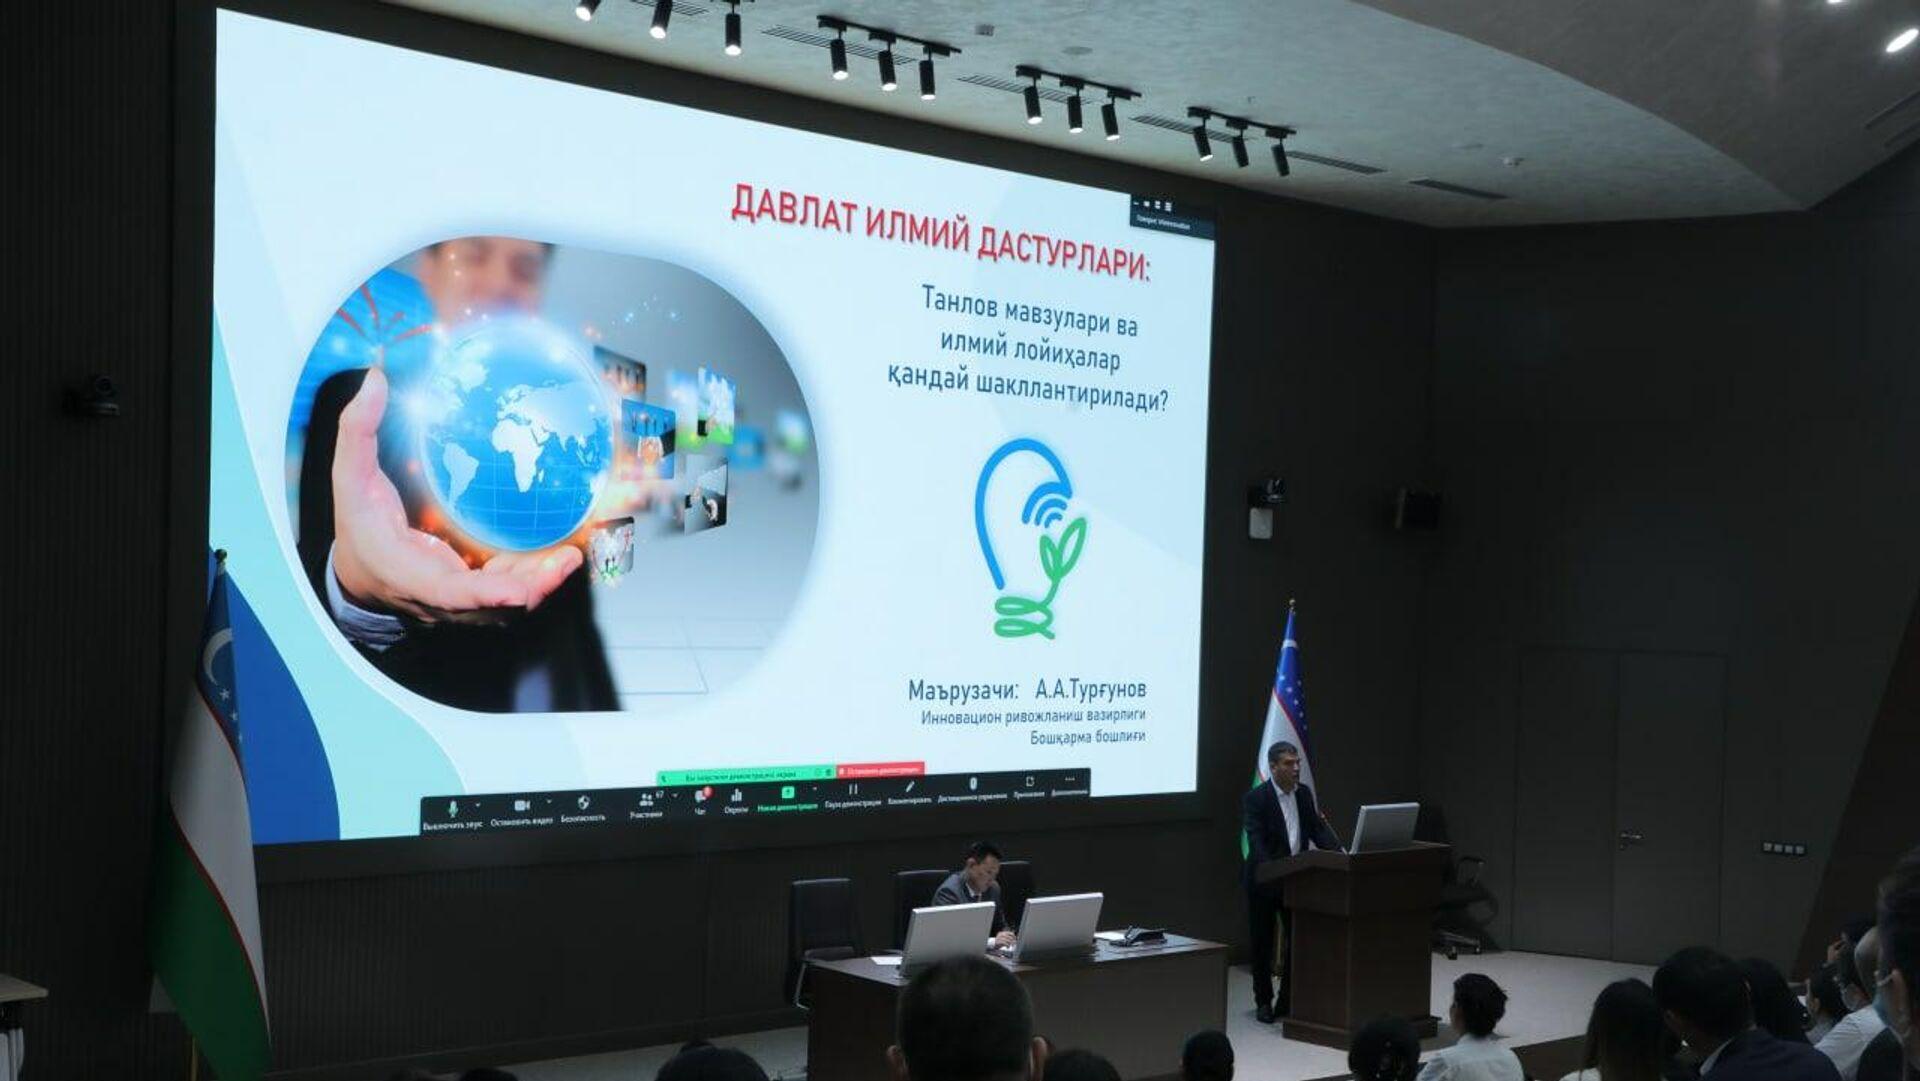 Заседание, посвященное научной деятельности женщин в Мининновации Узбекистана - Sputnik Узбекистан, 1920, 09.09.2021